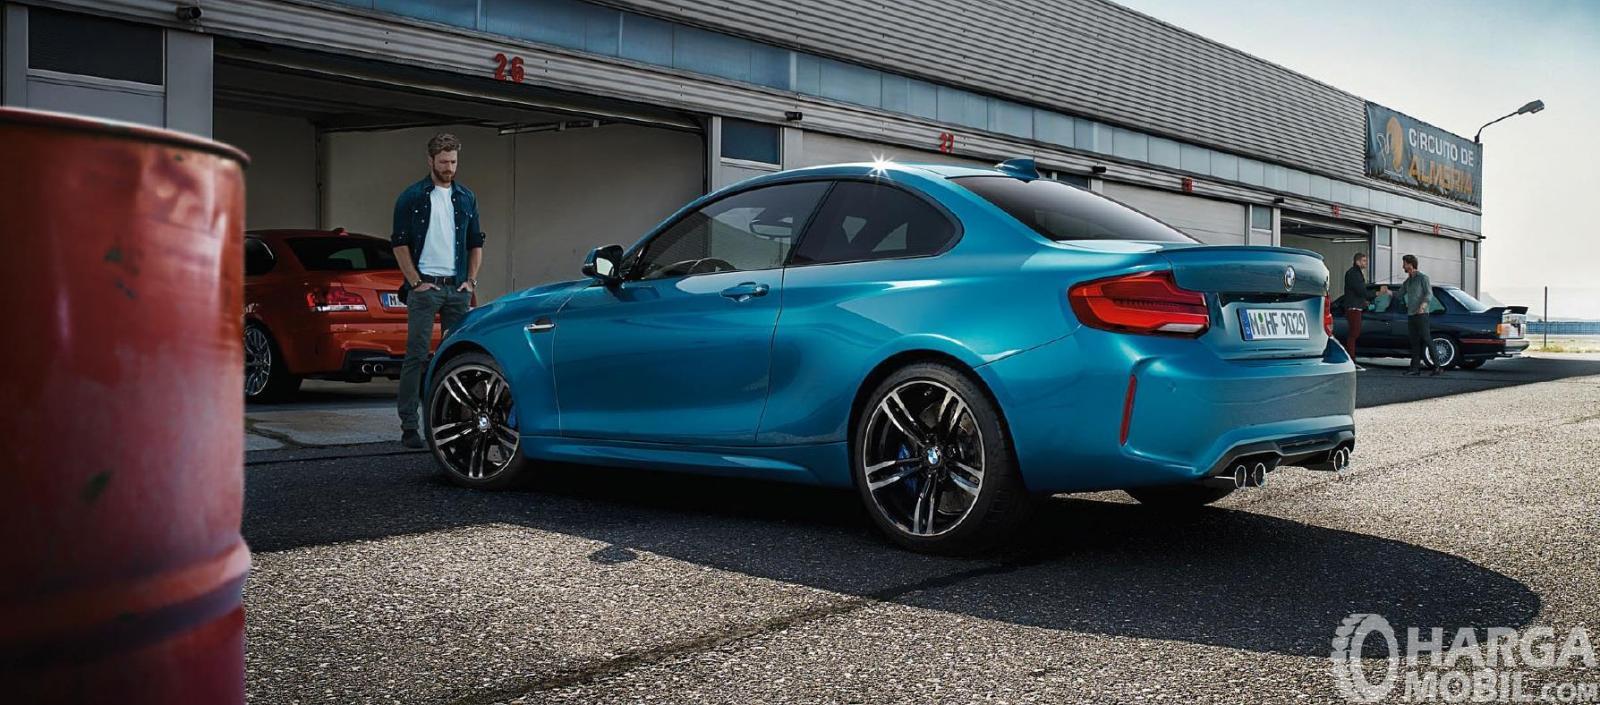 Eksterior samping BMW M2 Coupe 2018 menggunakan ban berukuran 19 inci